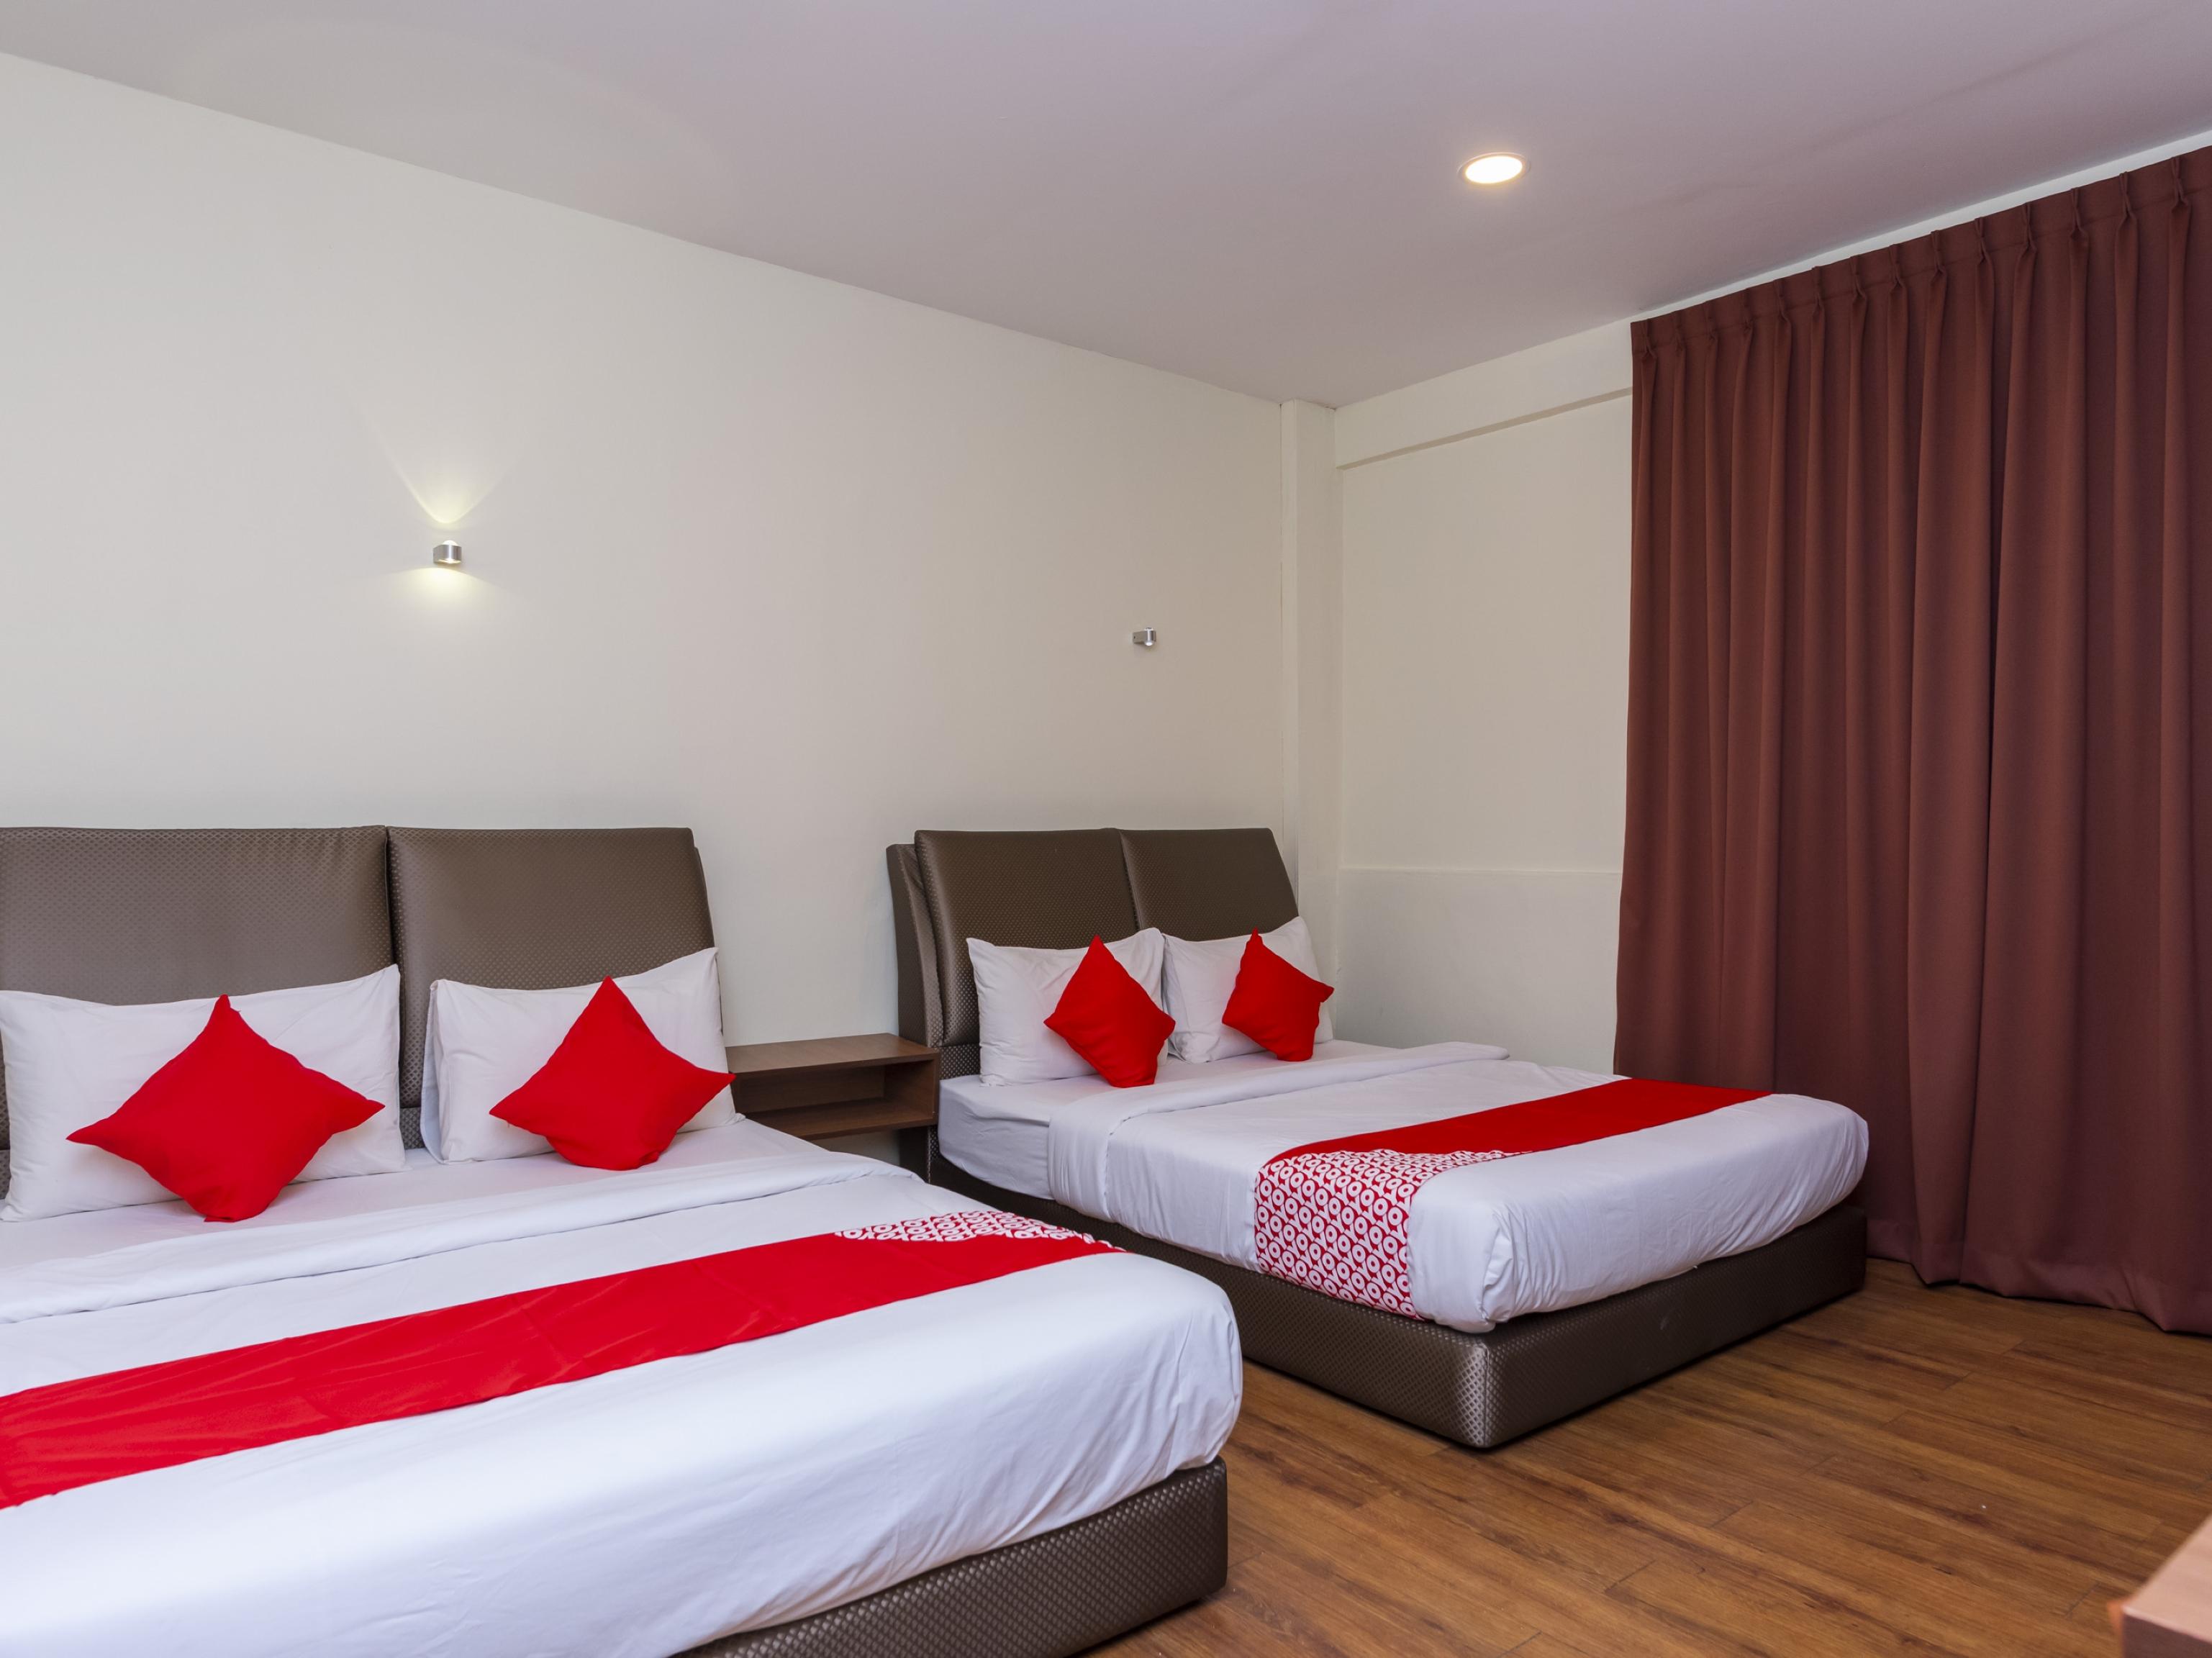 OYO 960 I Harmony Hotel, Johor Bahru